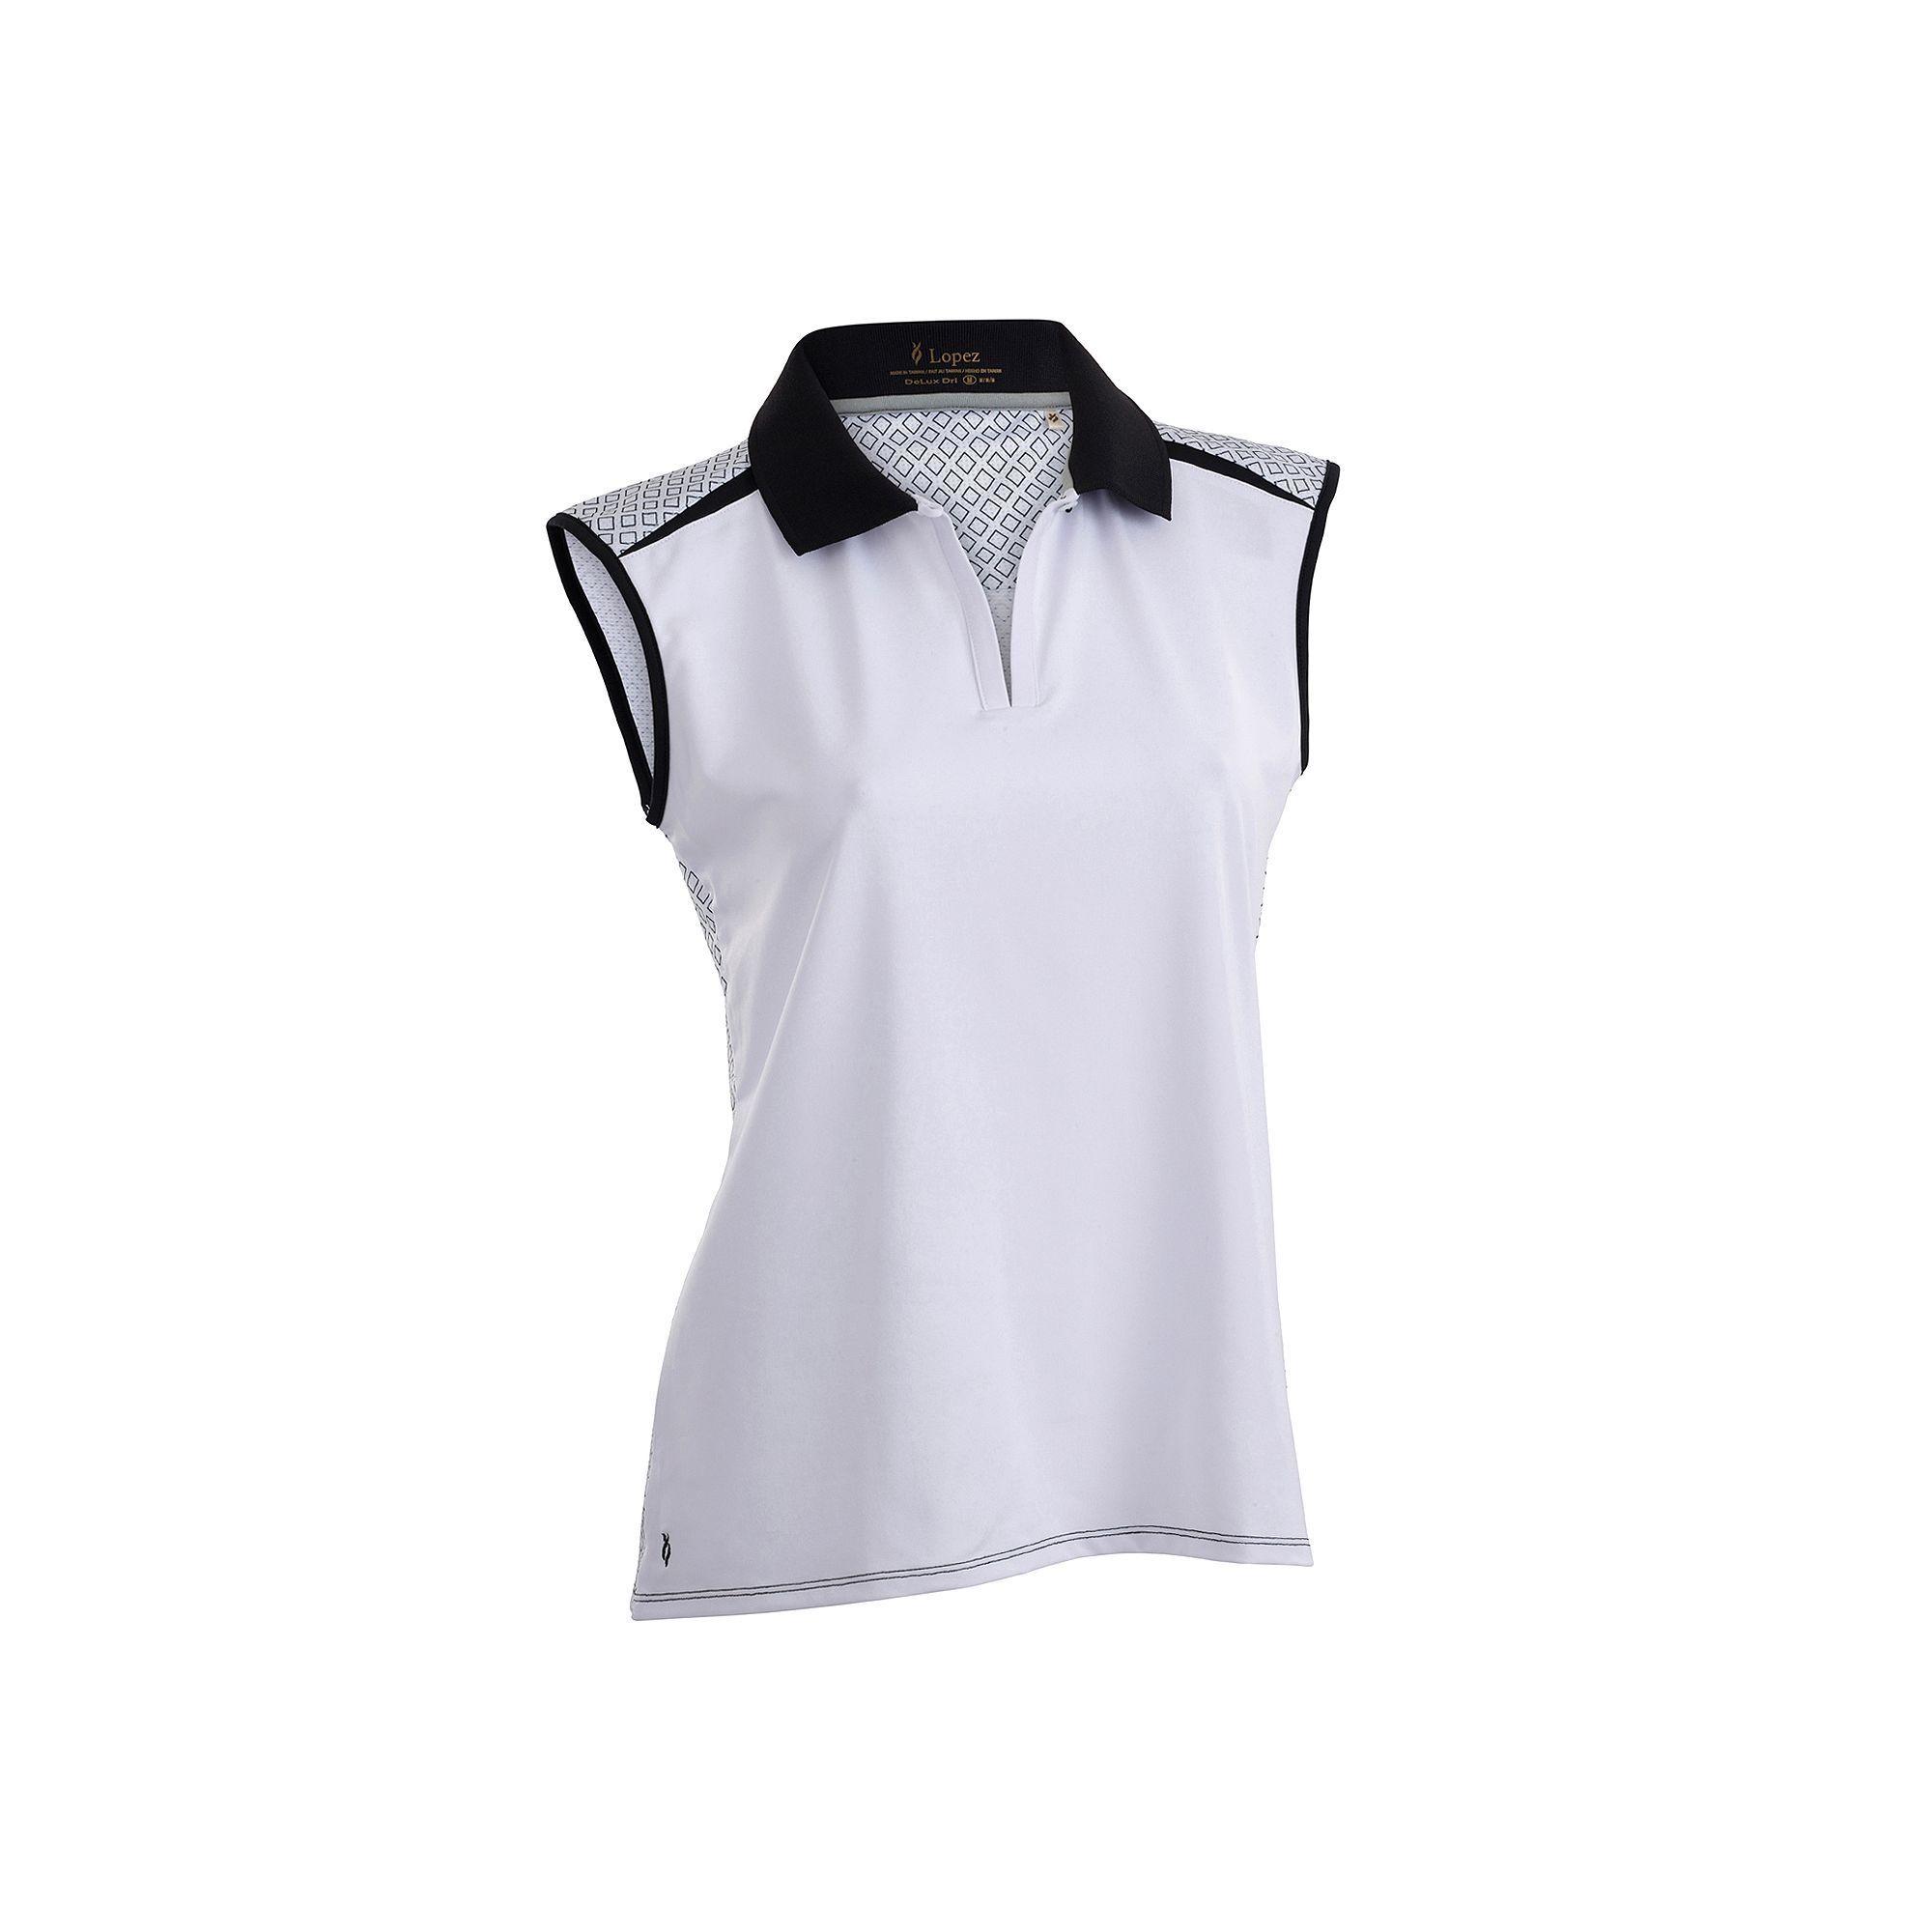 7d3df2b96f871 Plus Size Nancy Lopez Favor Sleeveless Golf Polo